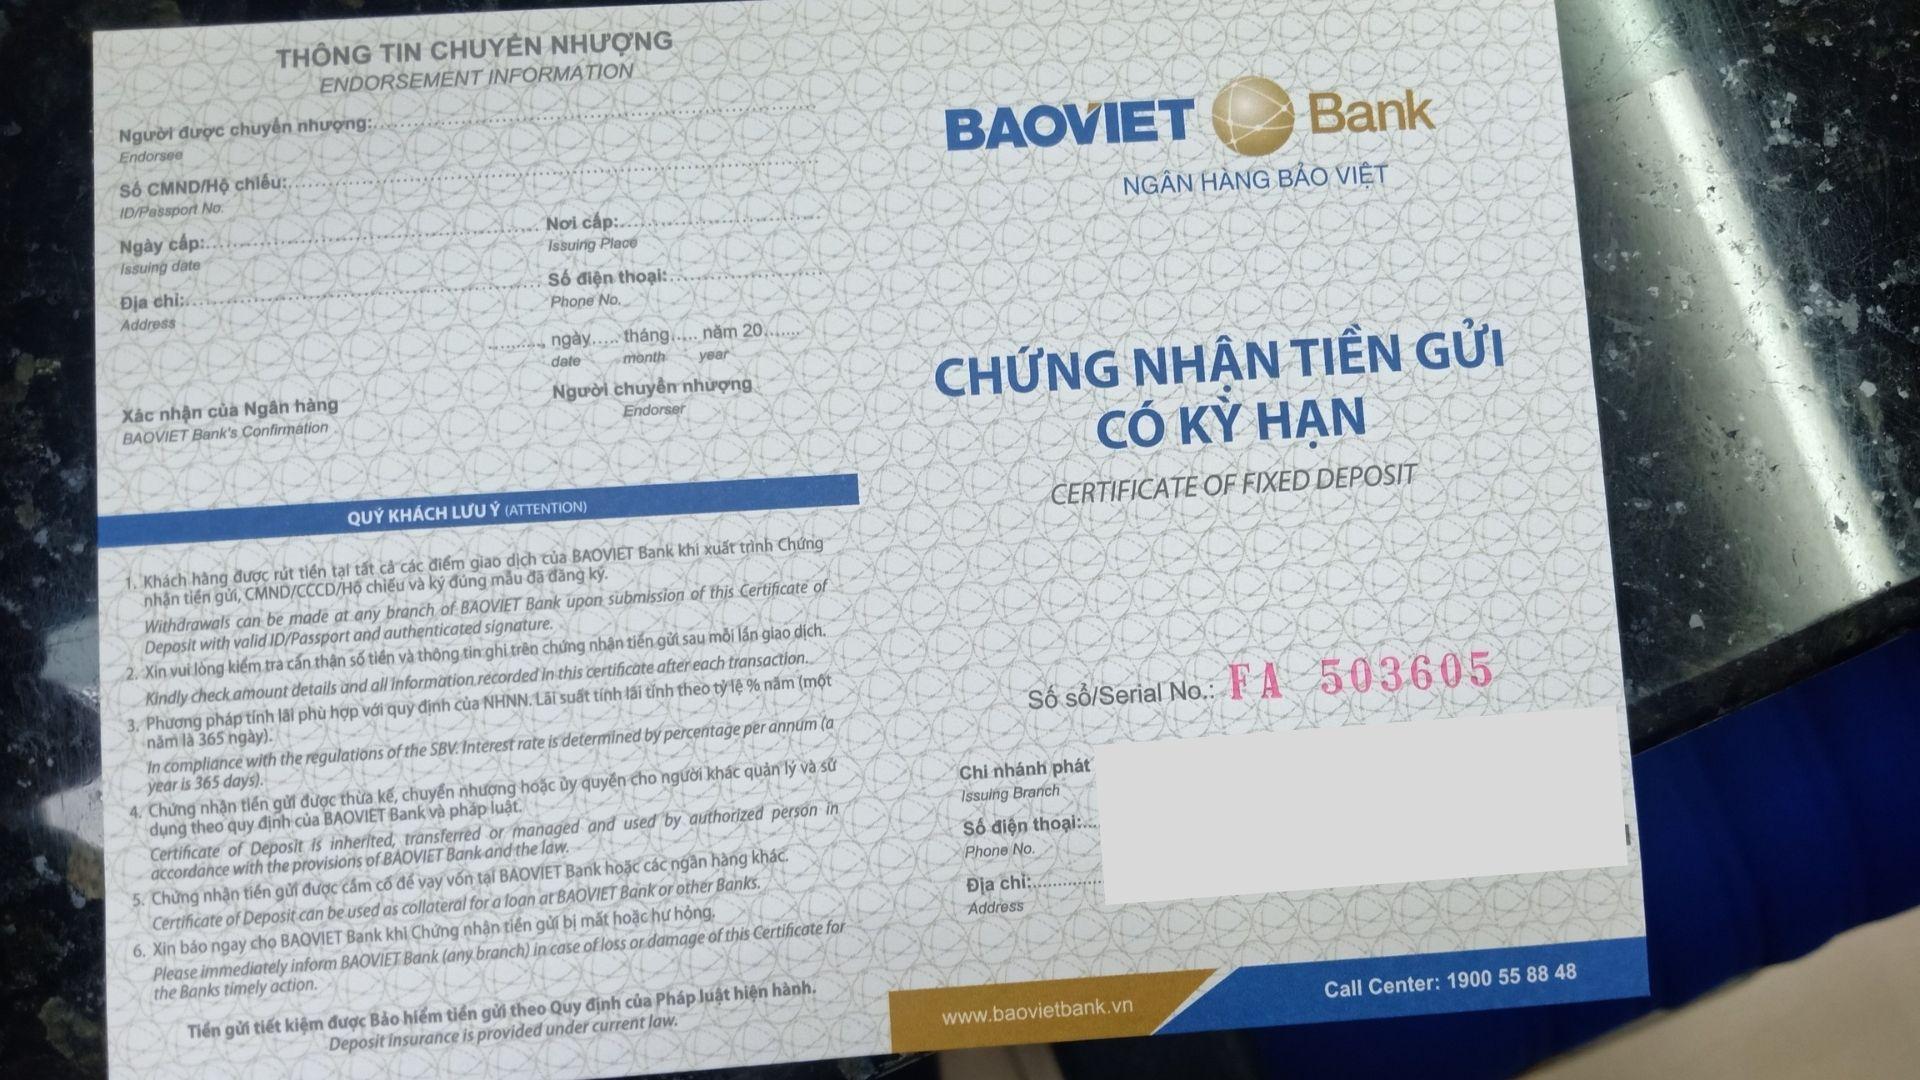 Dịch vụ chứng minh tài chính Bảo Tín tại thành phố Hồ Chí Minh